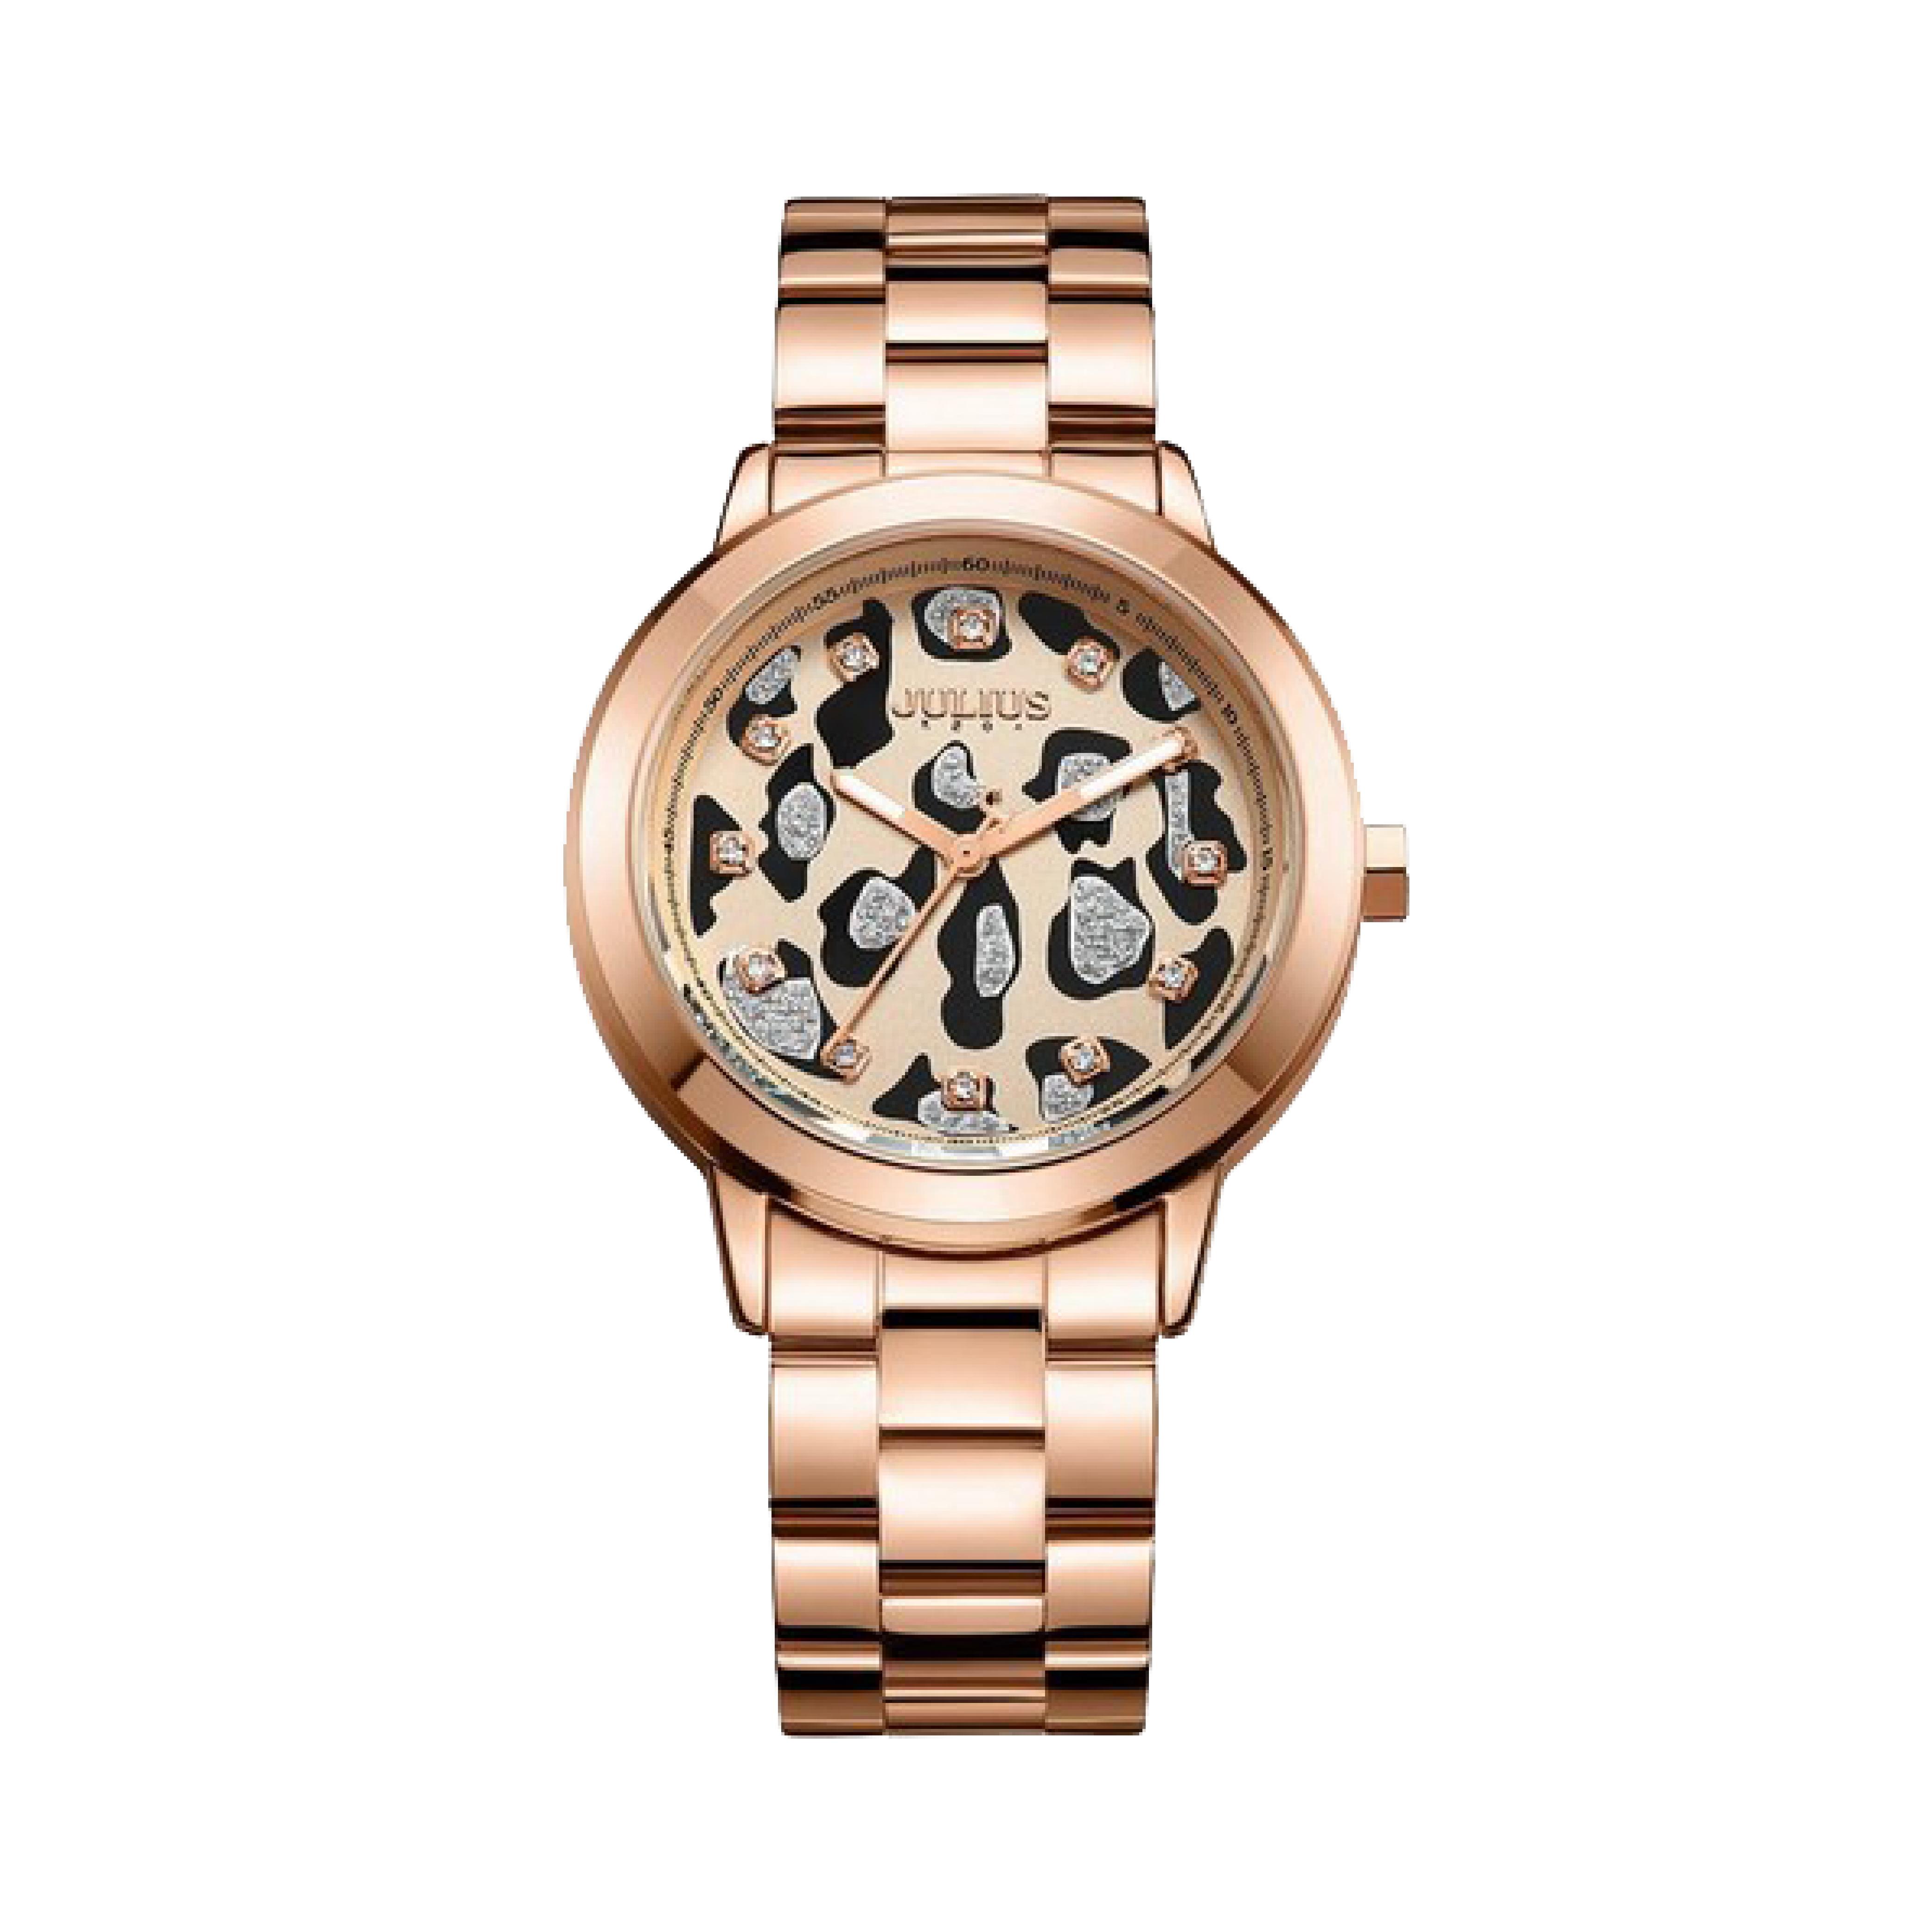 นาฬิกาข้อมือผู้หญิง JULIUS JA-1007 B